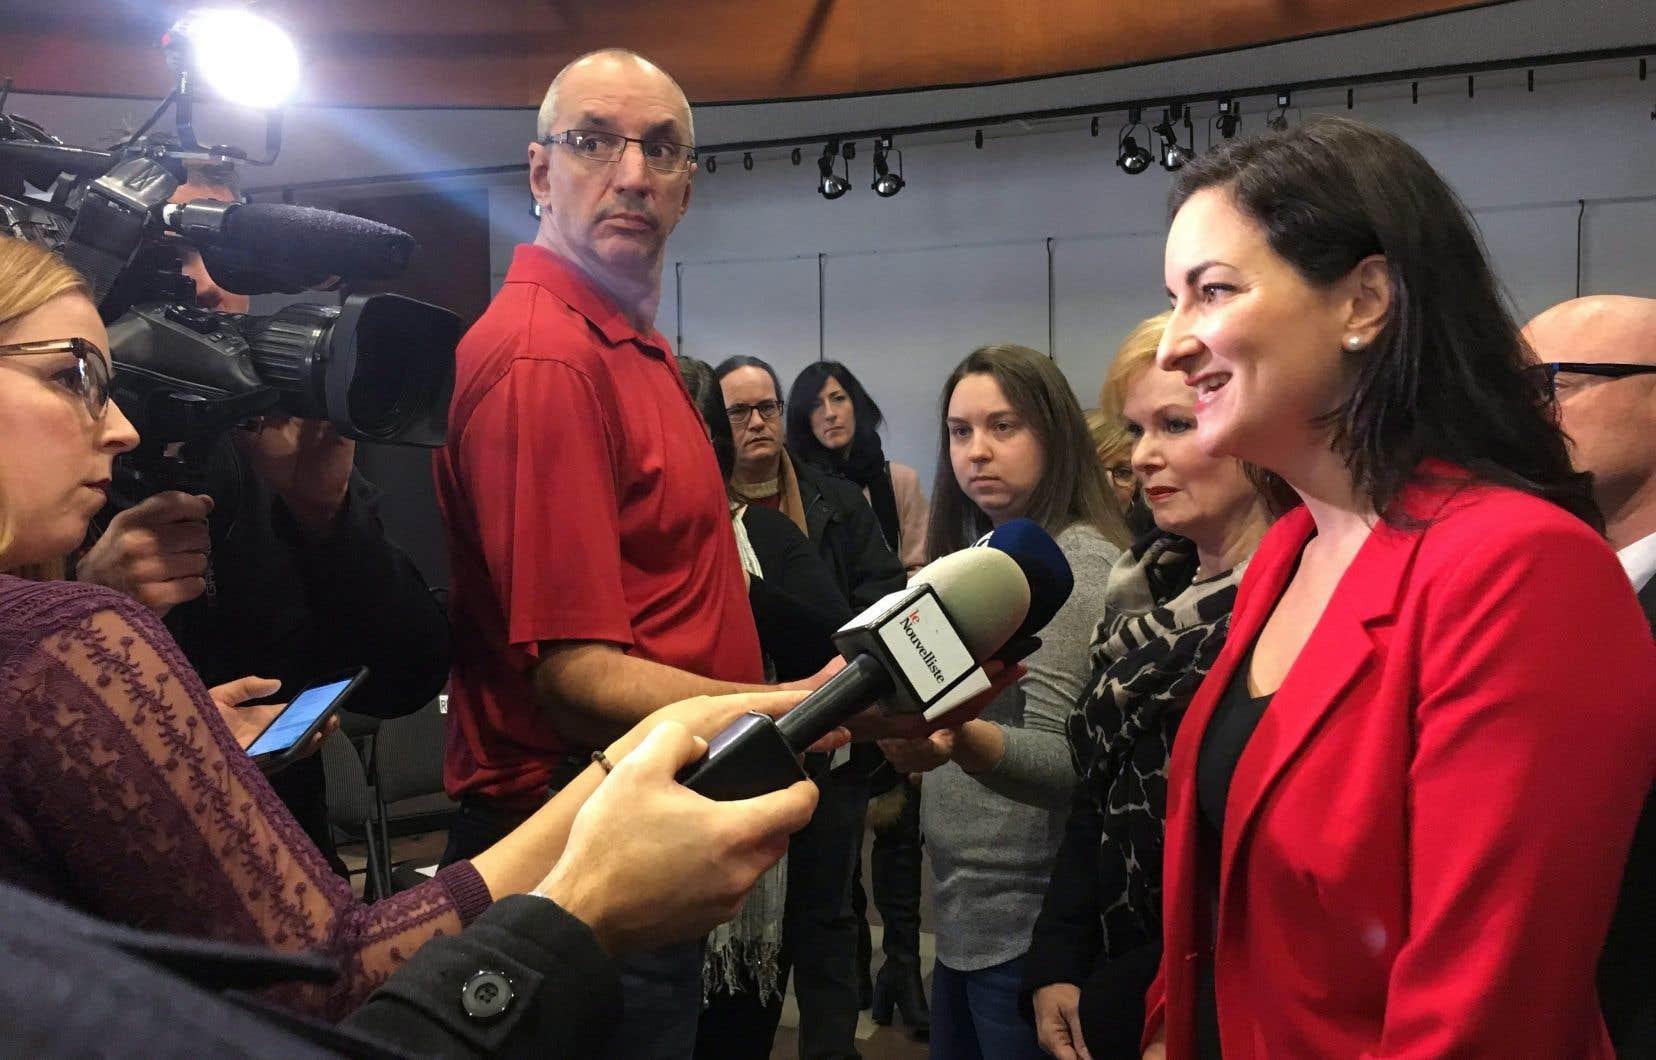 «J'ai réitéré une demande pour avoir accès au contenu de l'entente et à ce stade-ci, on n'y a toujours pas accès, pas plus qu'à ce qui serait réservé à la production francophone», a dit la ministre Marie Montpetit.